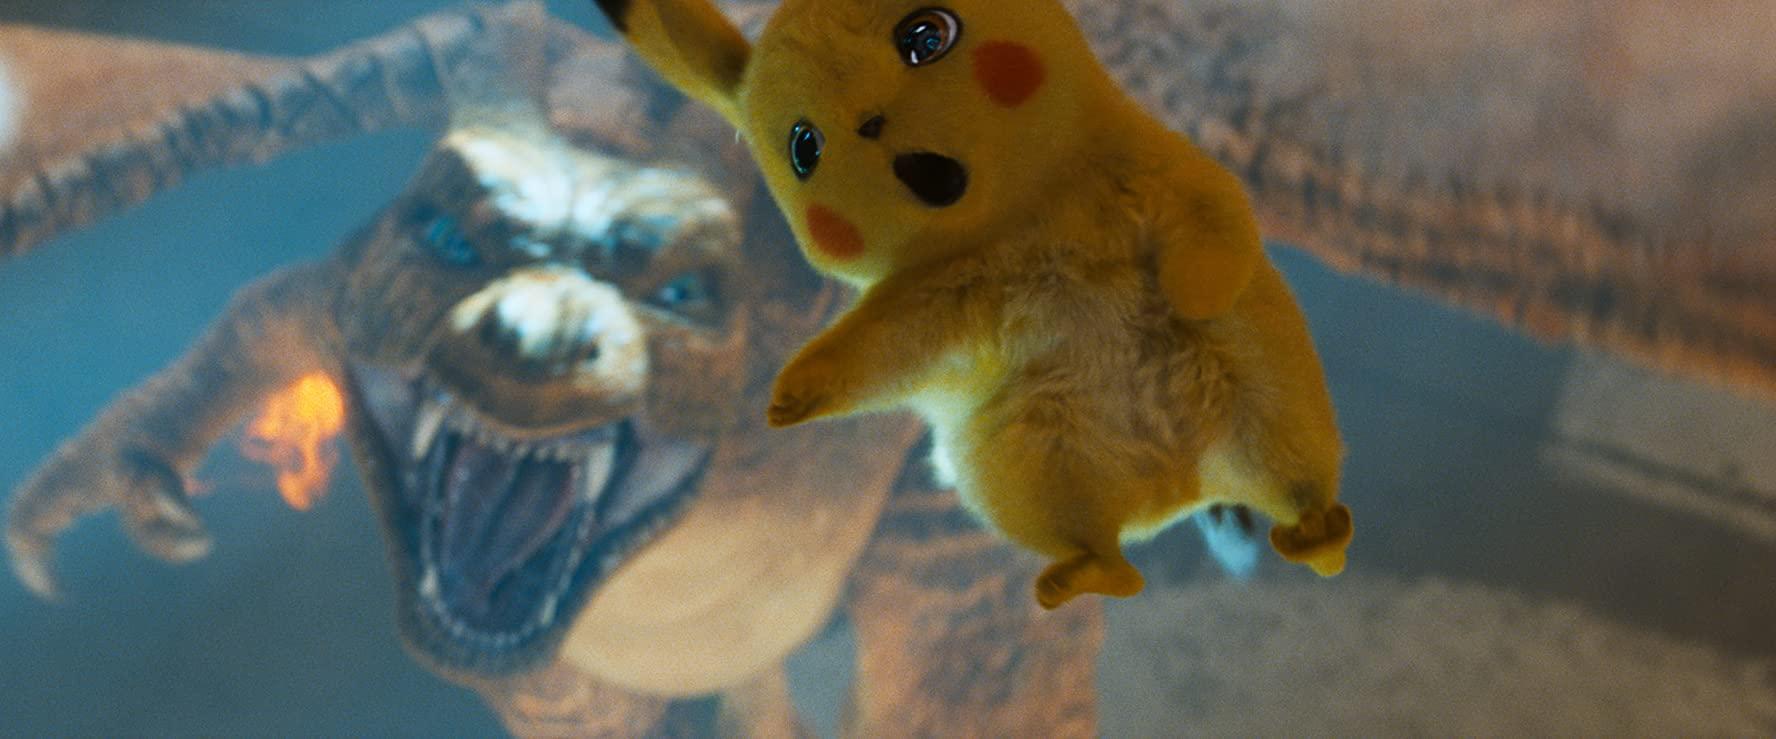 مشاهدة فيلم Pokémon Detective Pikachu (2019) مترجم HD اون لاين